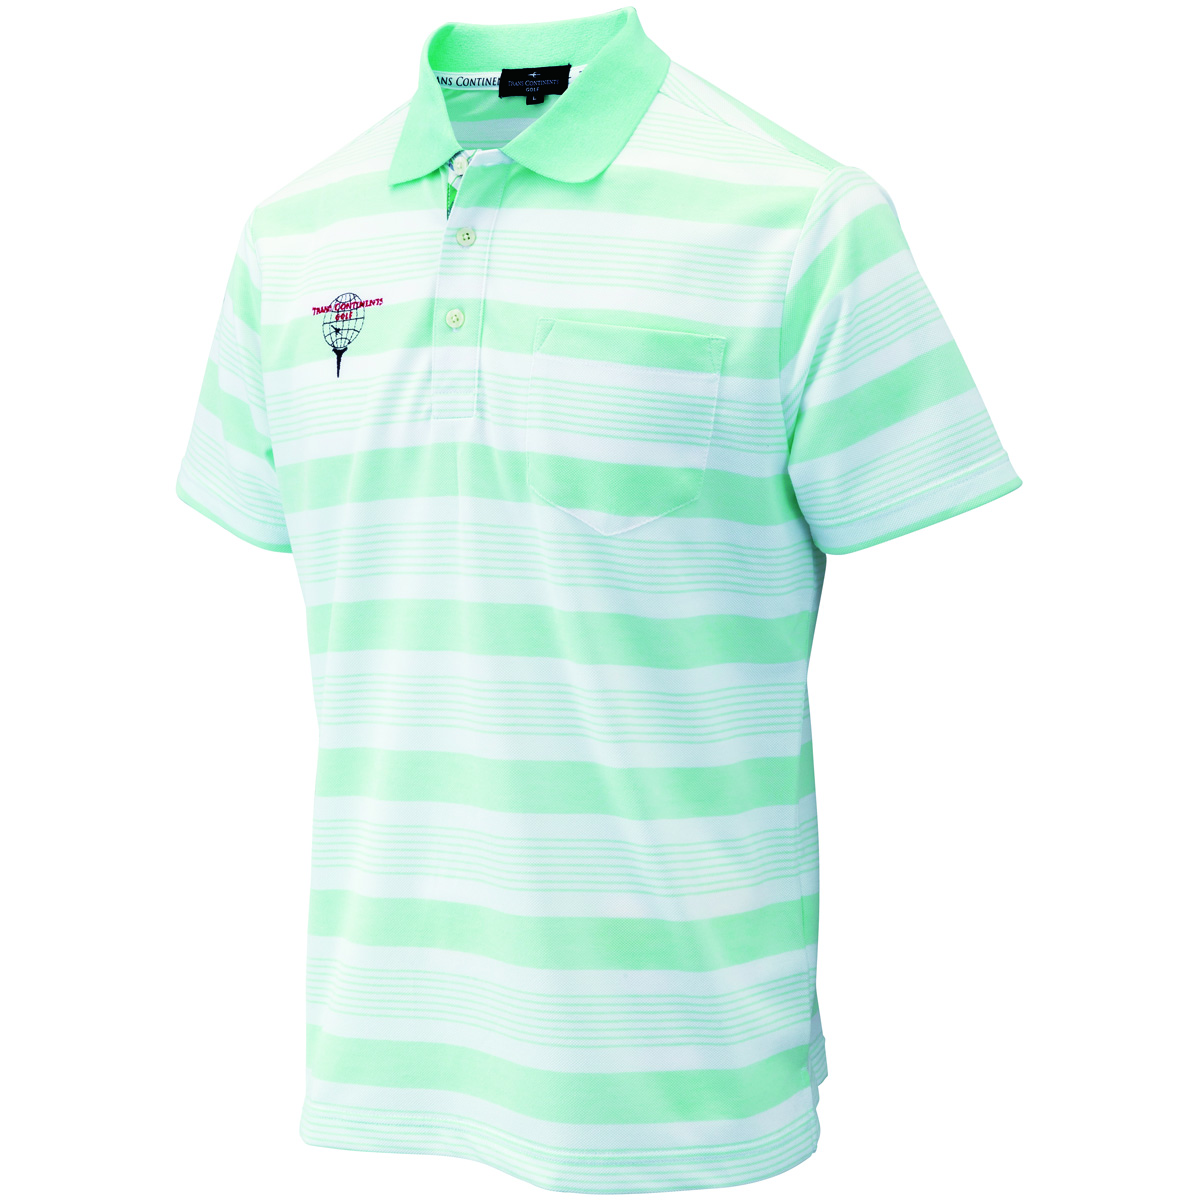 デオセルドライ ボーダー柄半袖ポロシャツ